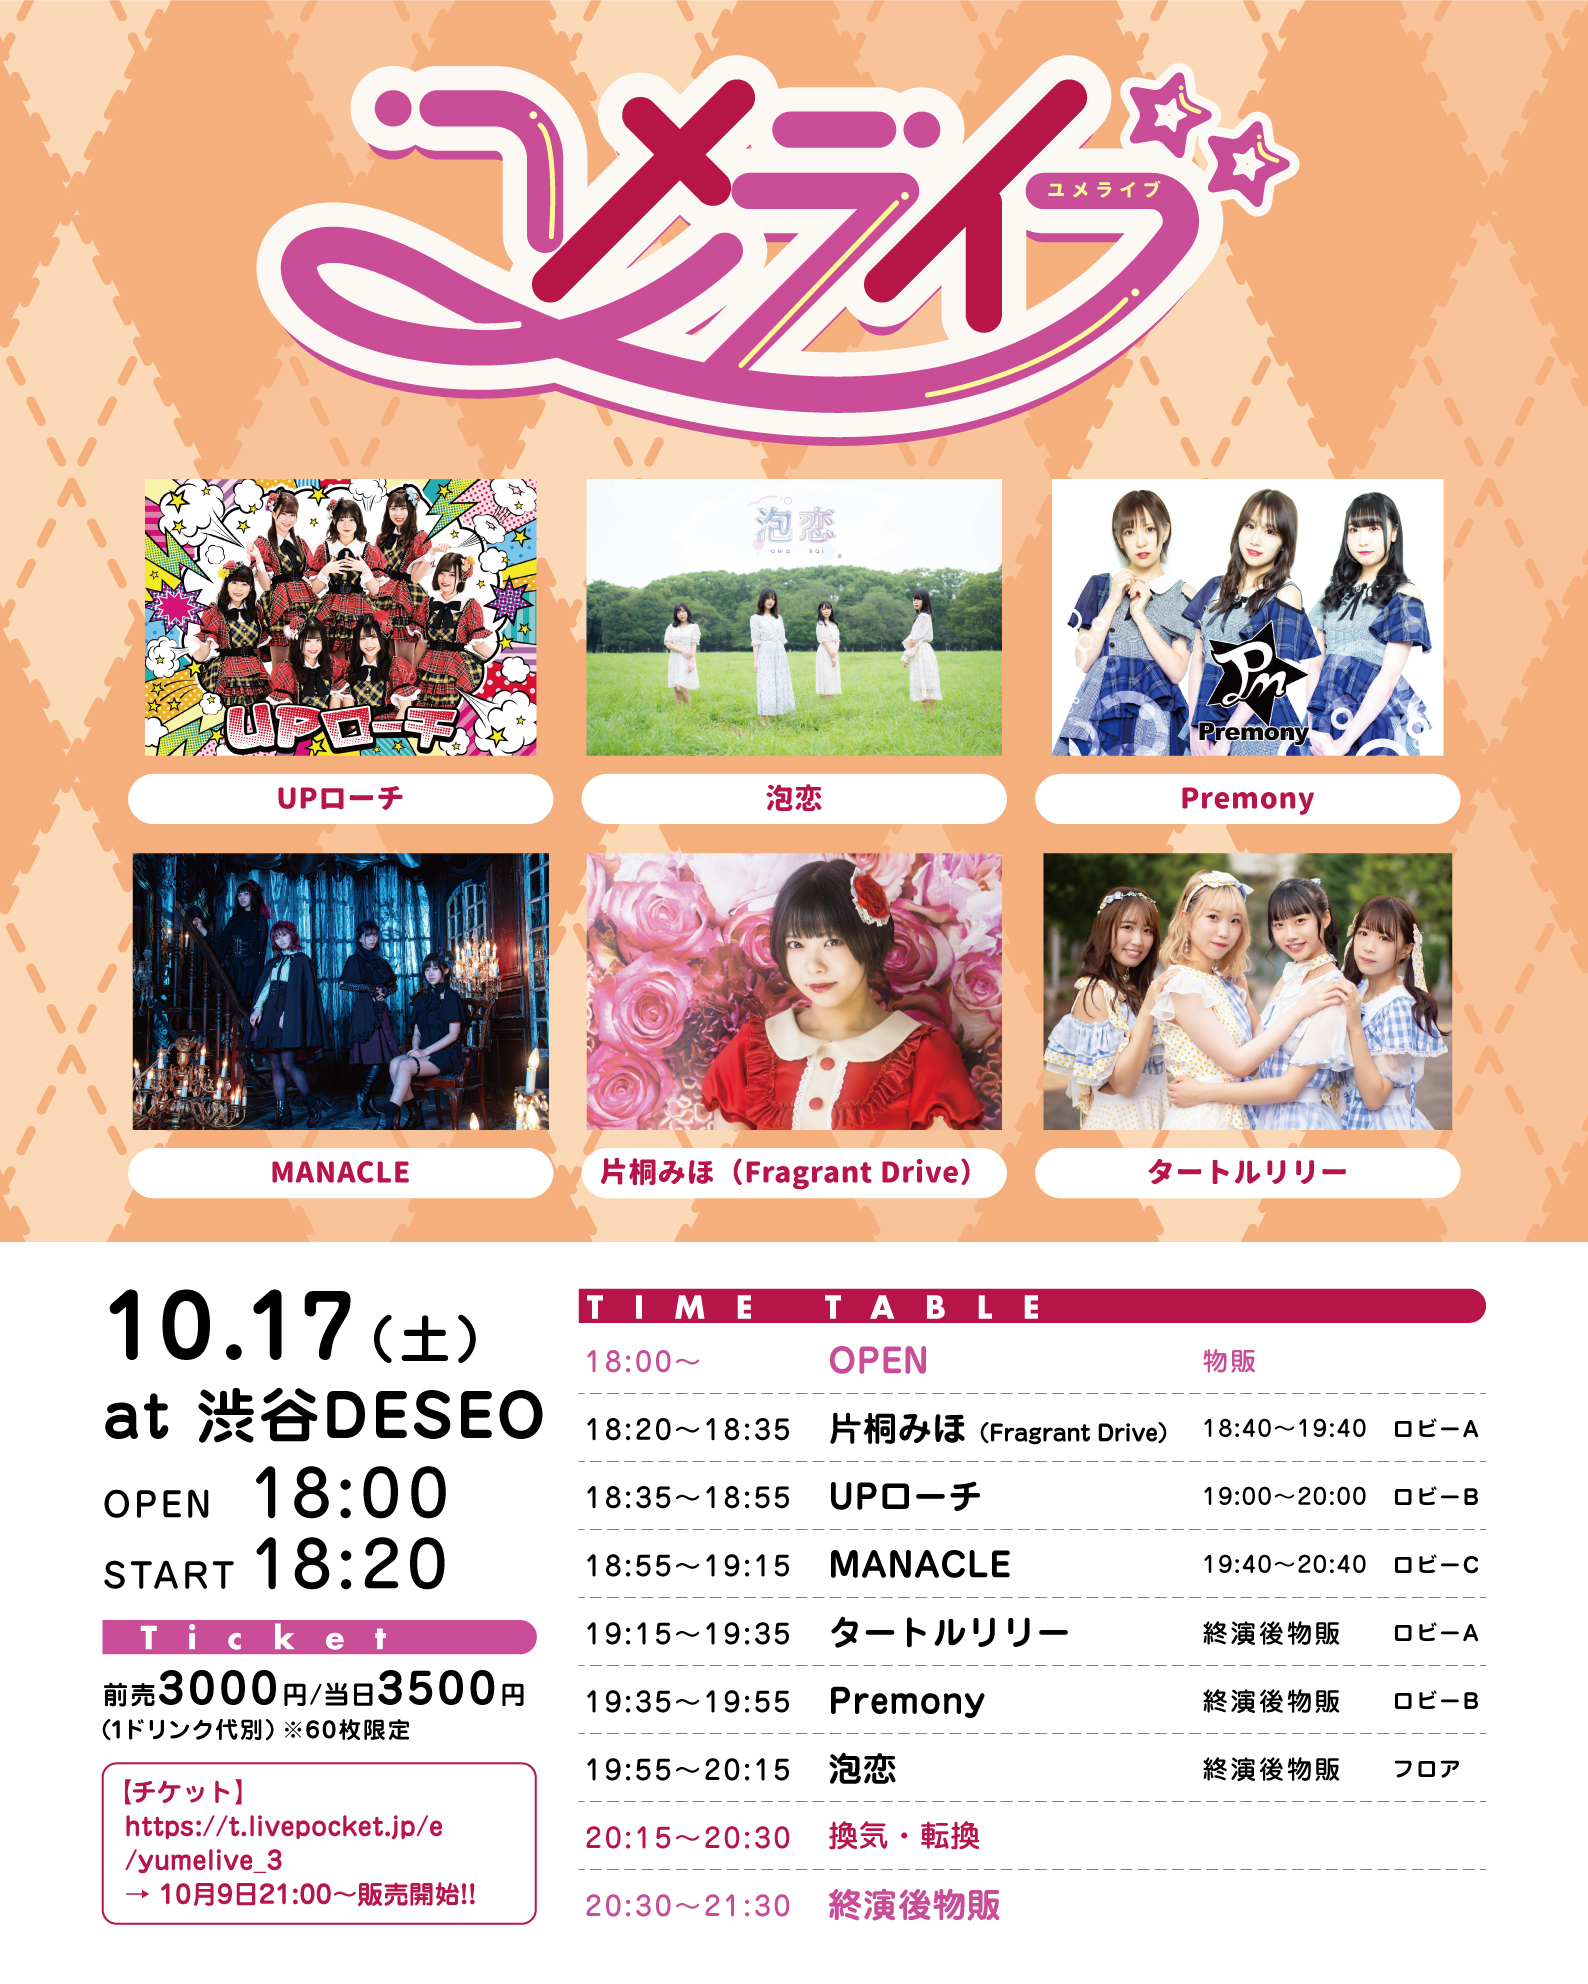 2020/10/17(土) 『ユメライブ』渋谷DESEO